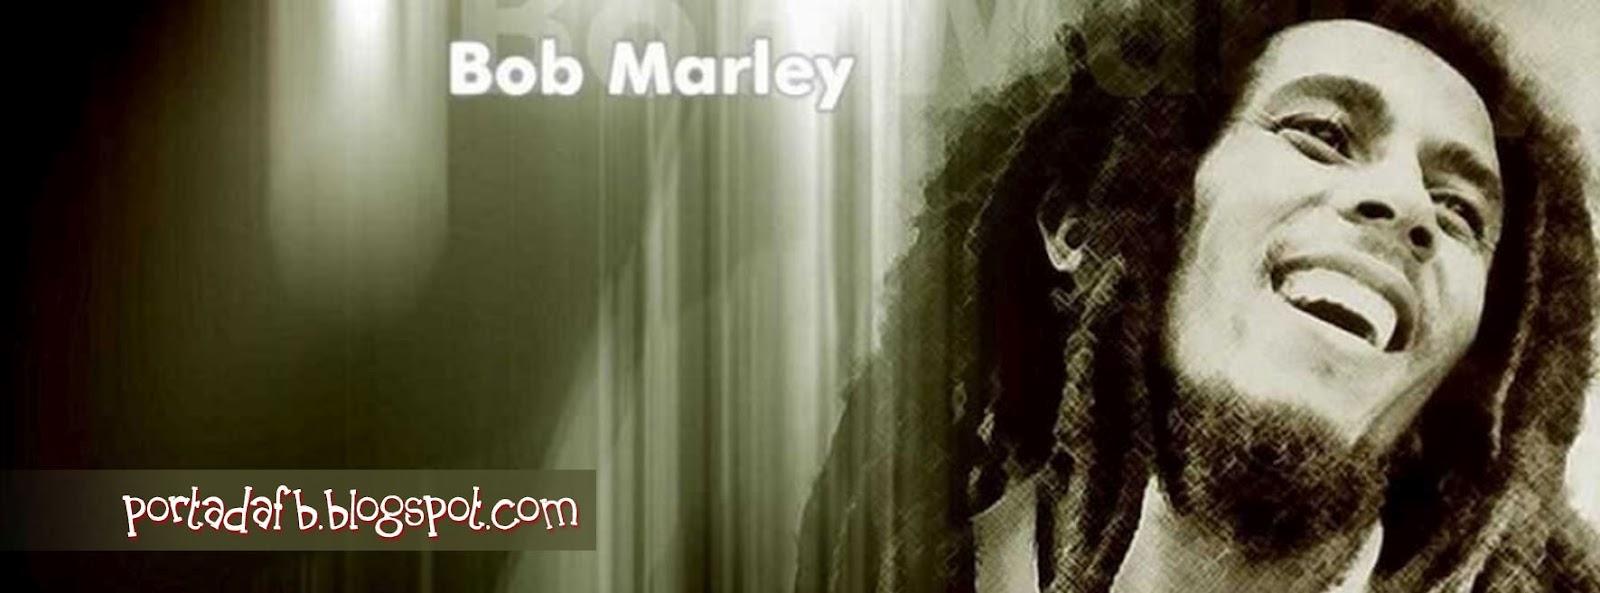 Aquí van 36 Portadas para Facebook de Música para tu biografía: